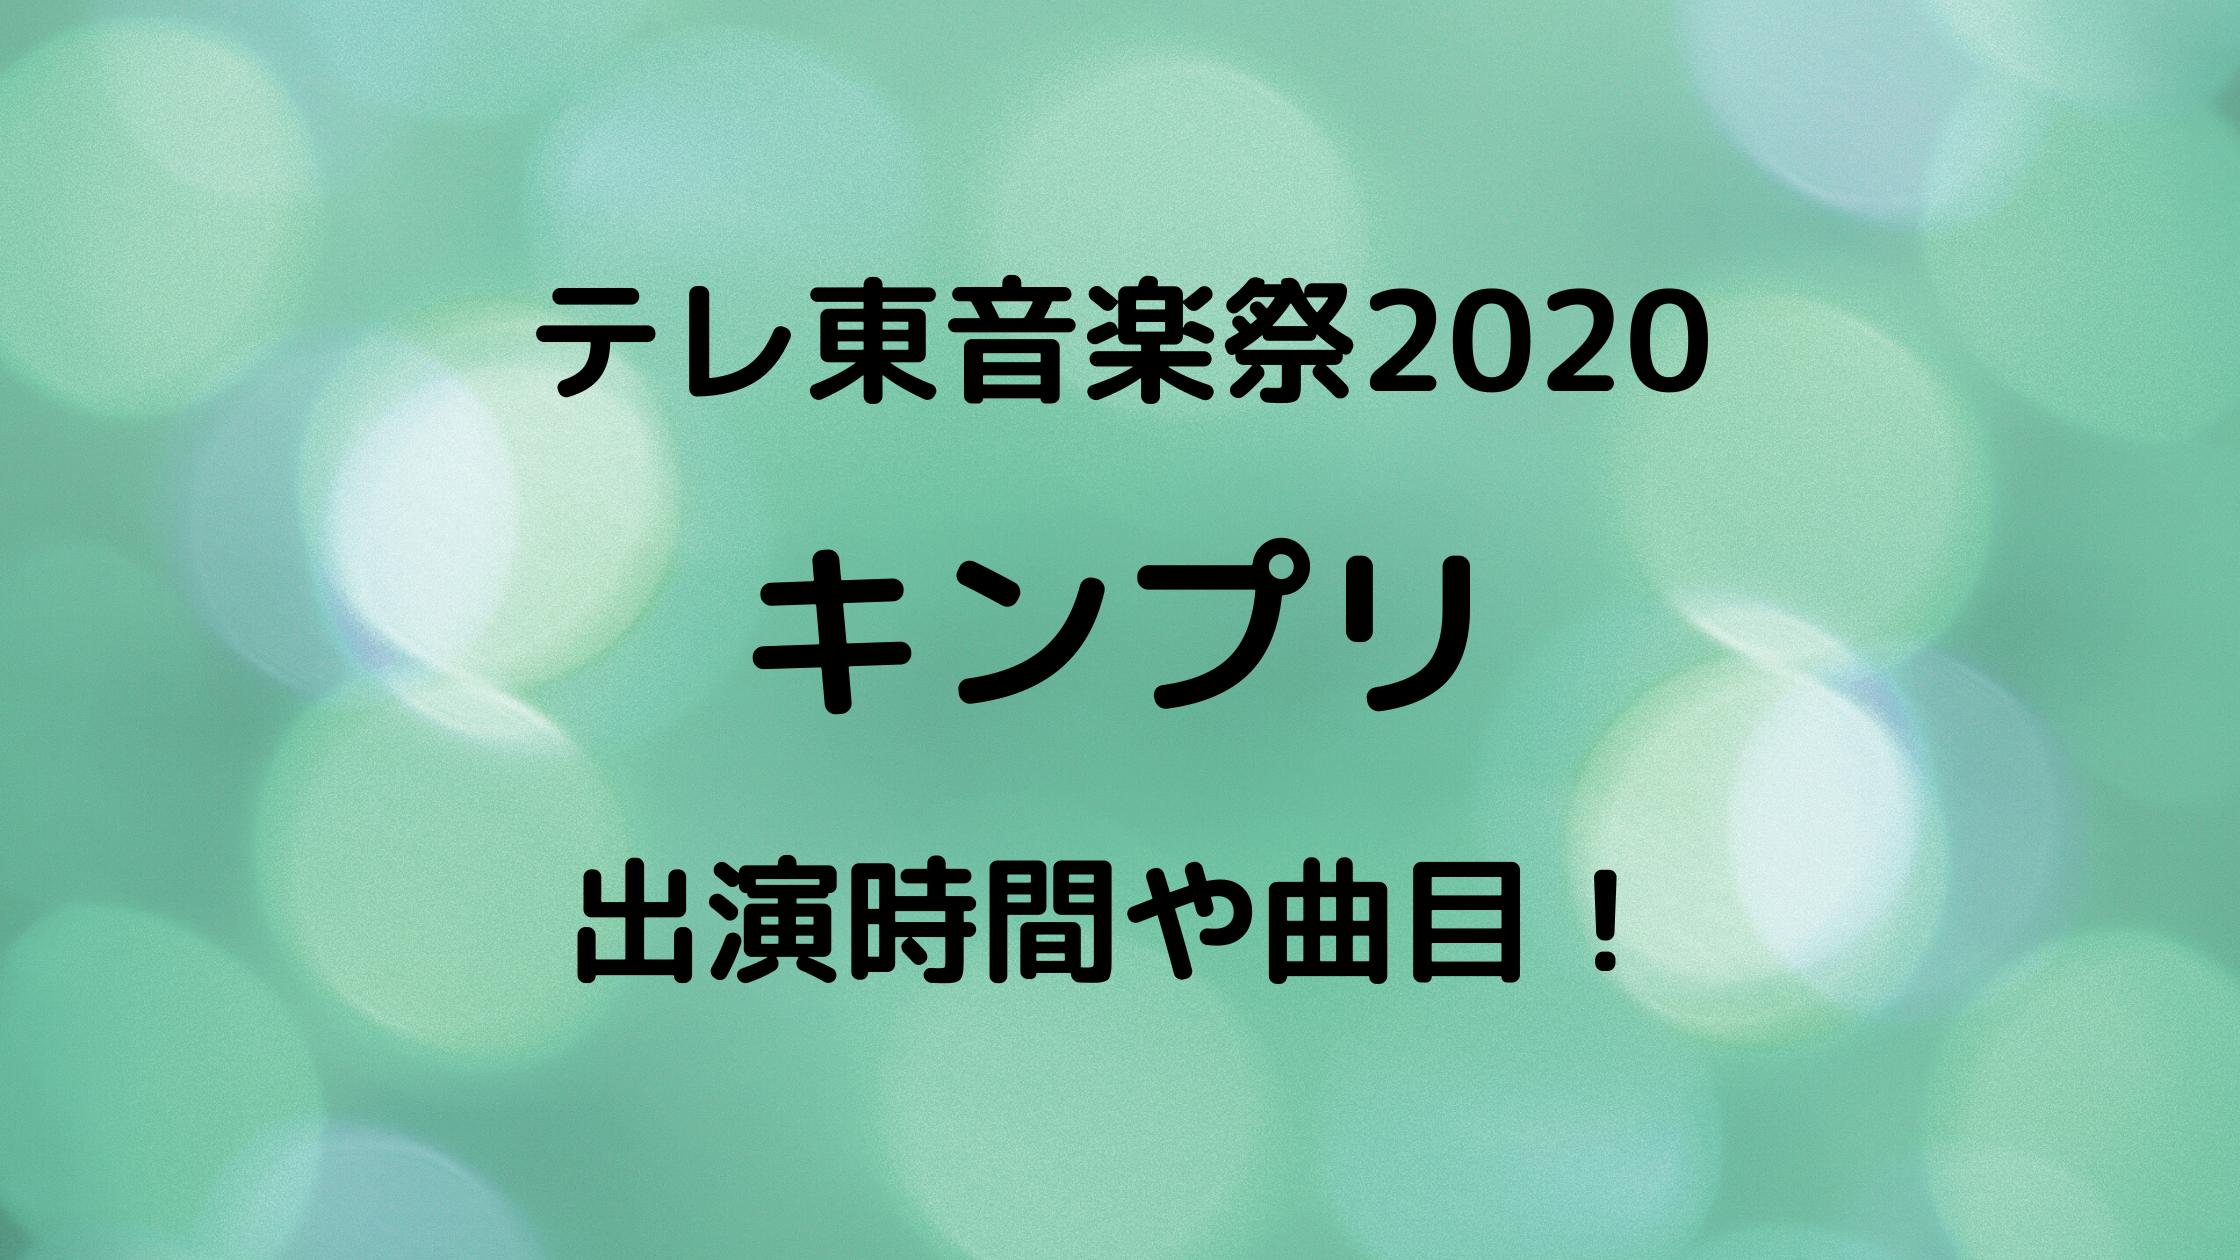 2020 番組 6 月 キンプリ 出演